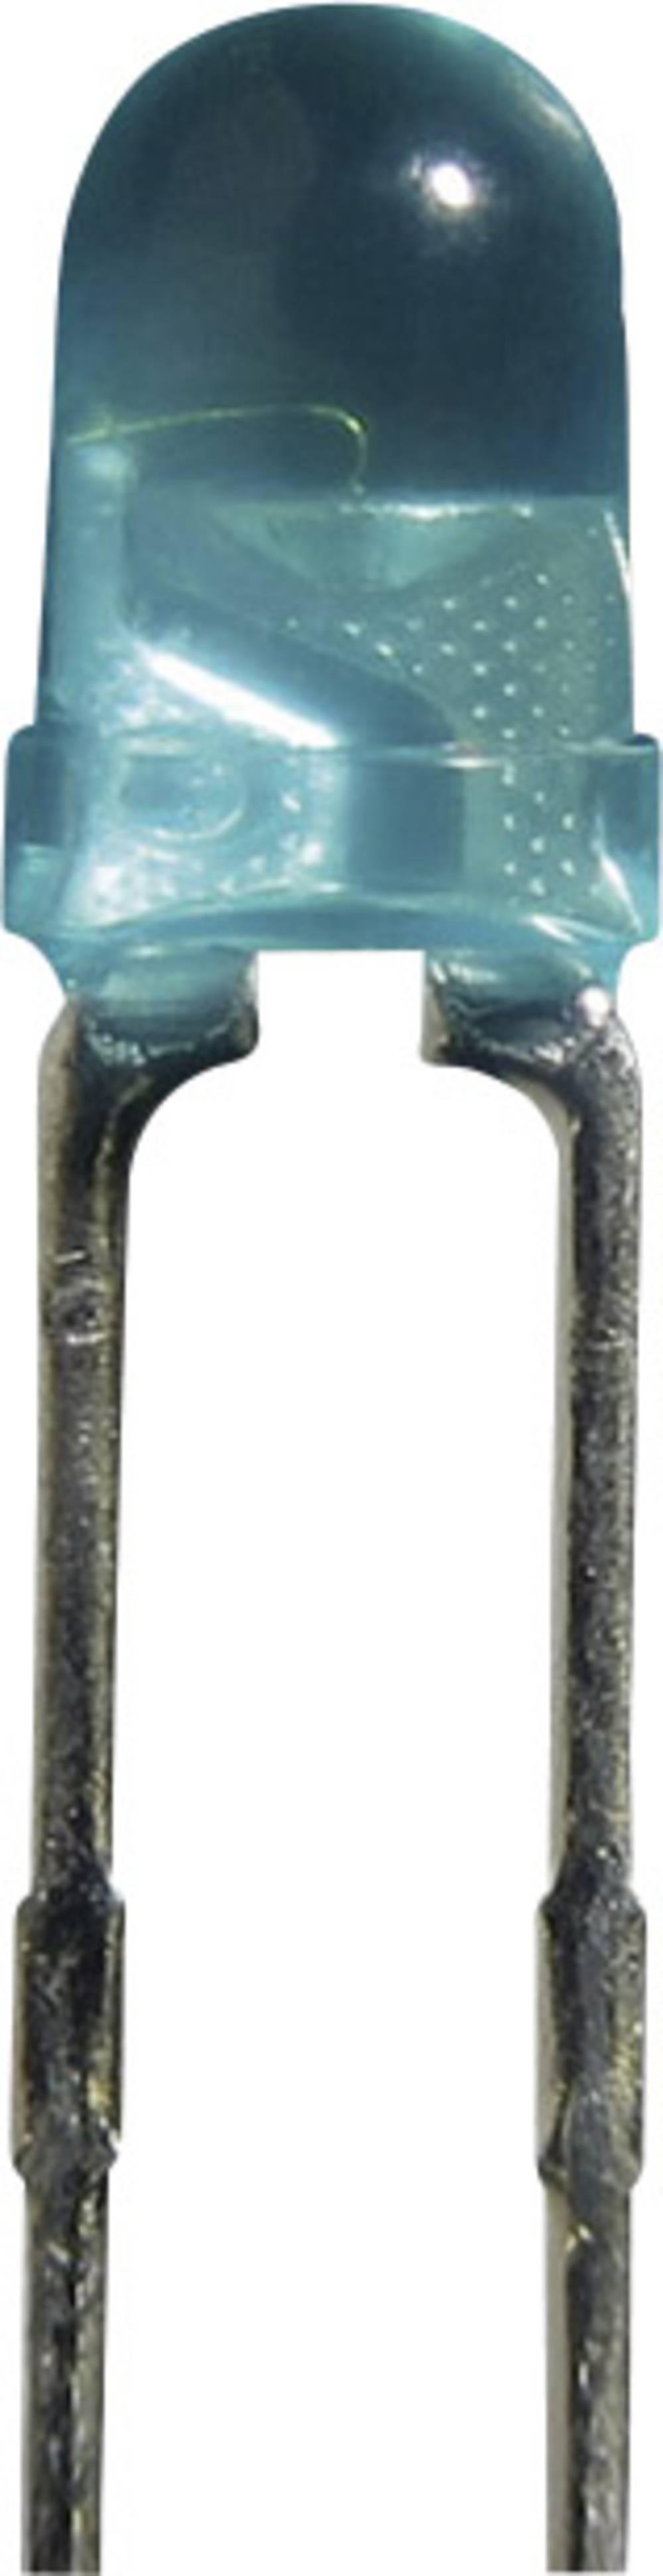 Ožičana LED dioda, plava, okrugla 3 mm 60 ° 7.5 mA